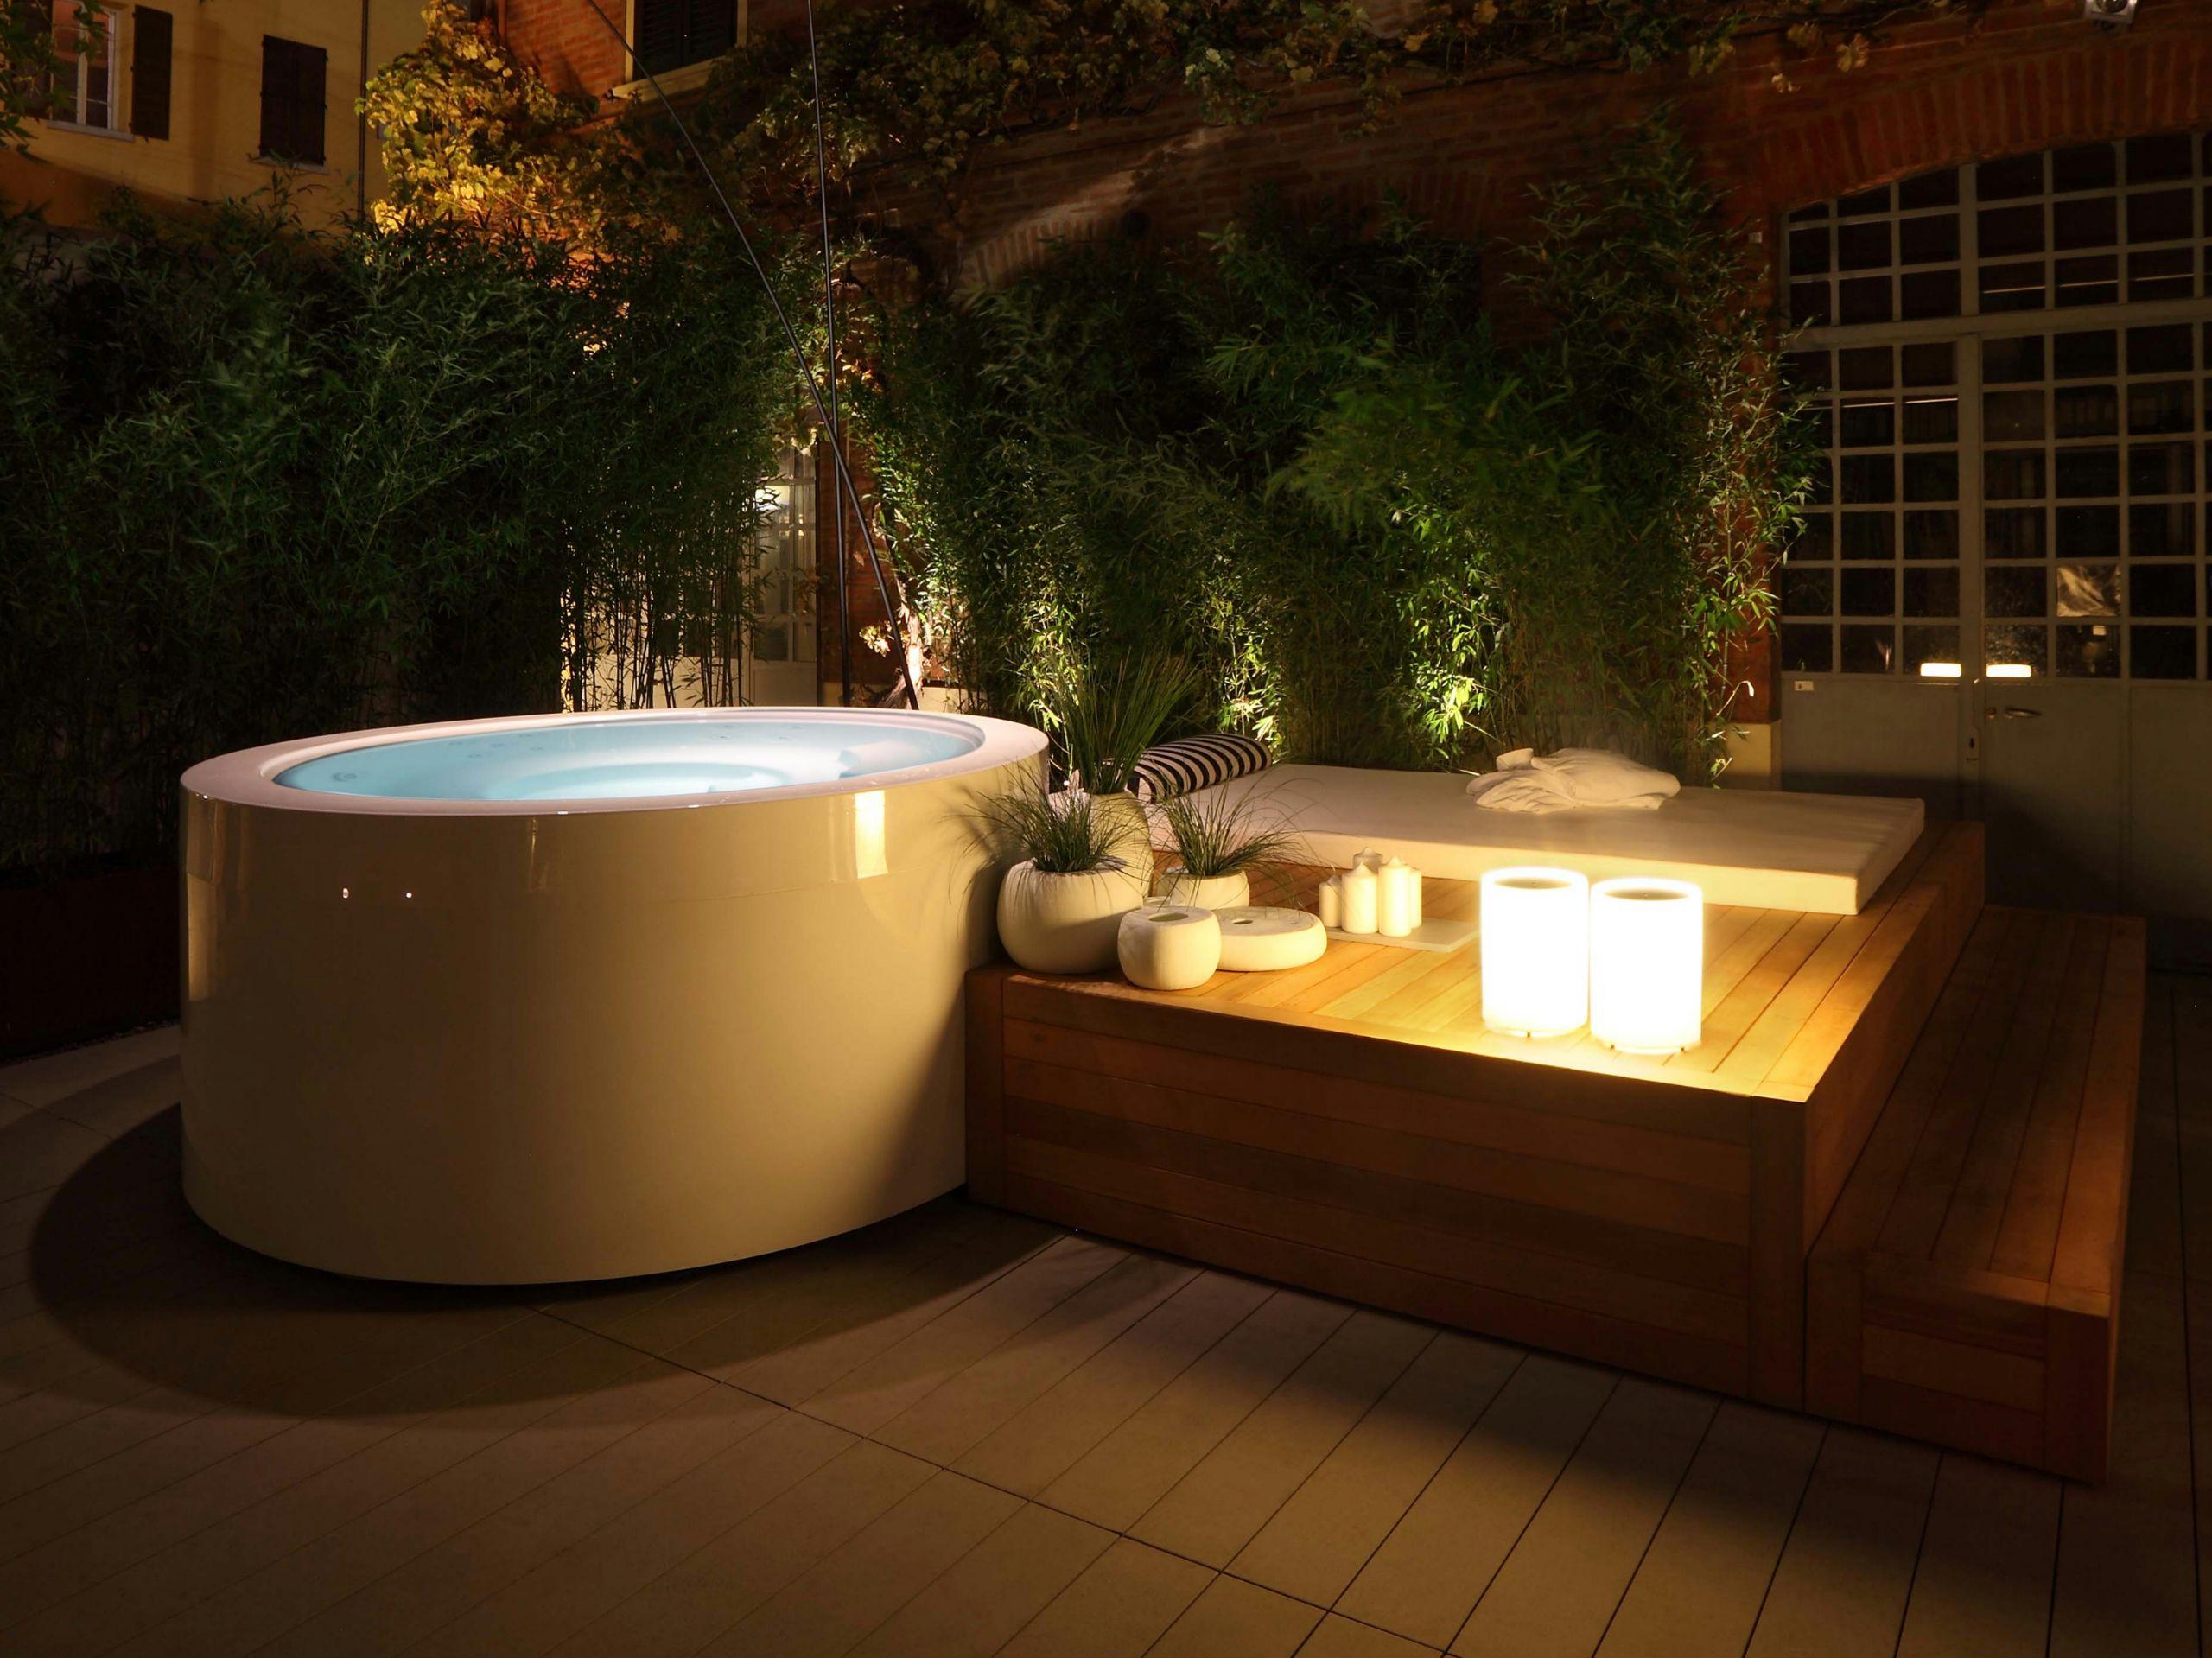 MINIPOOL Mini-piscina redonda by Kos by Zucchetti design Ludovica+ ...